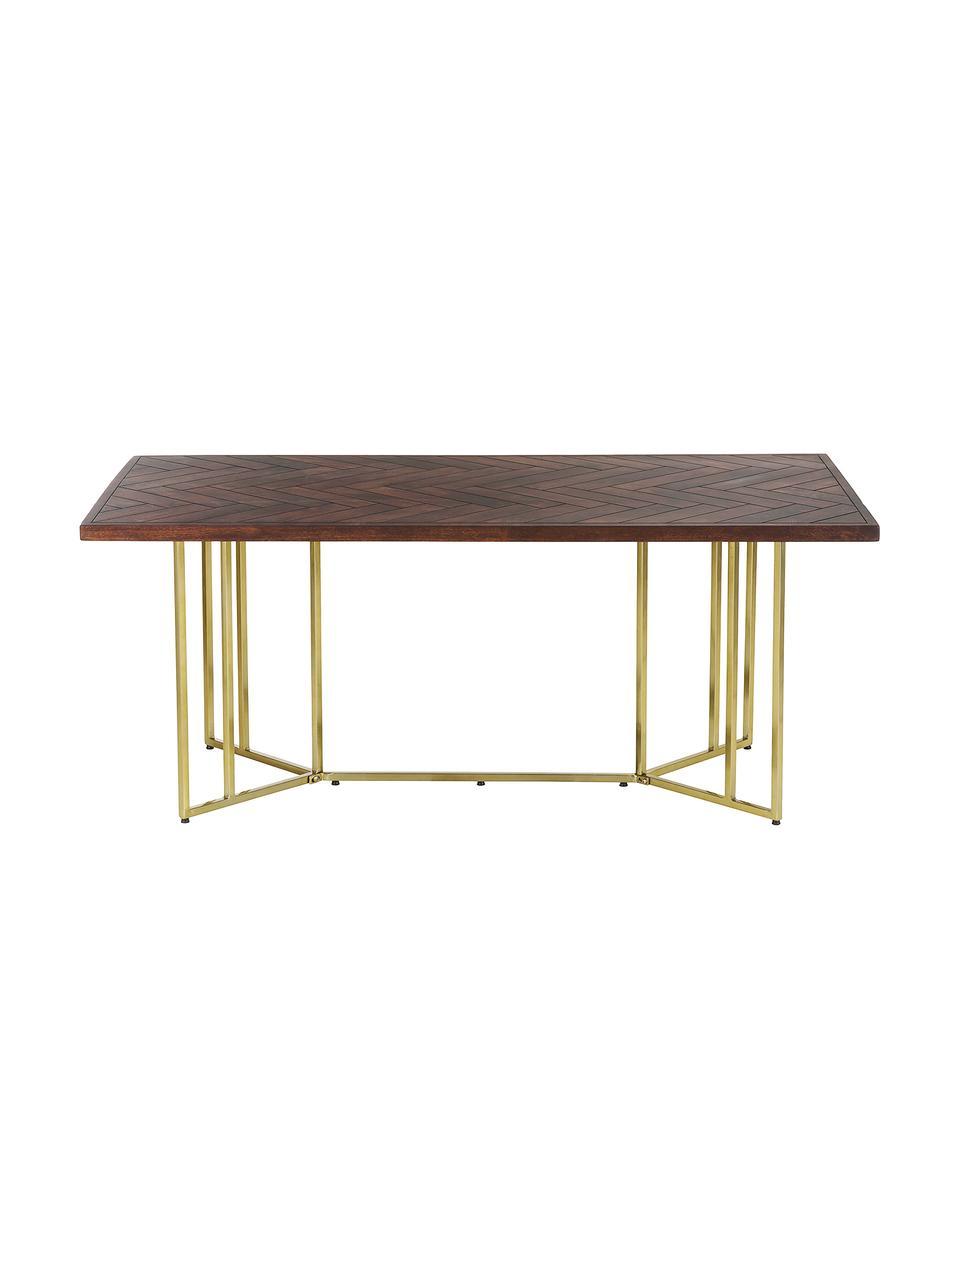 Mesa de comedor Luca, tablero de madera maciza, Tablero: madera de mango maciza, p, Estructura: metal recubierto, Madera oscura, dorado, An 220 x F 100 cm